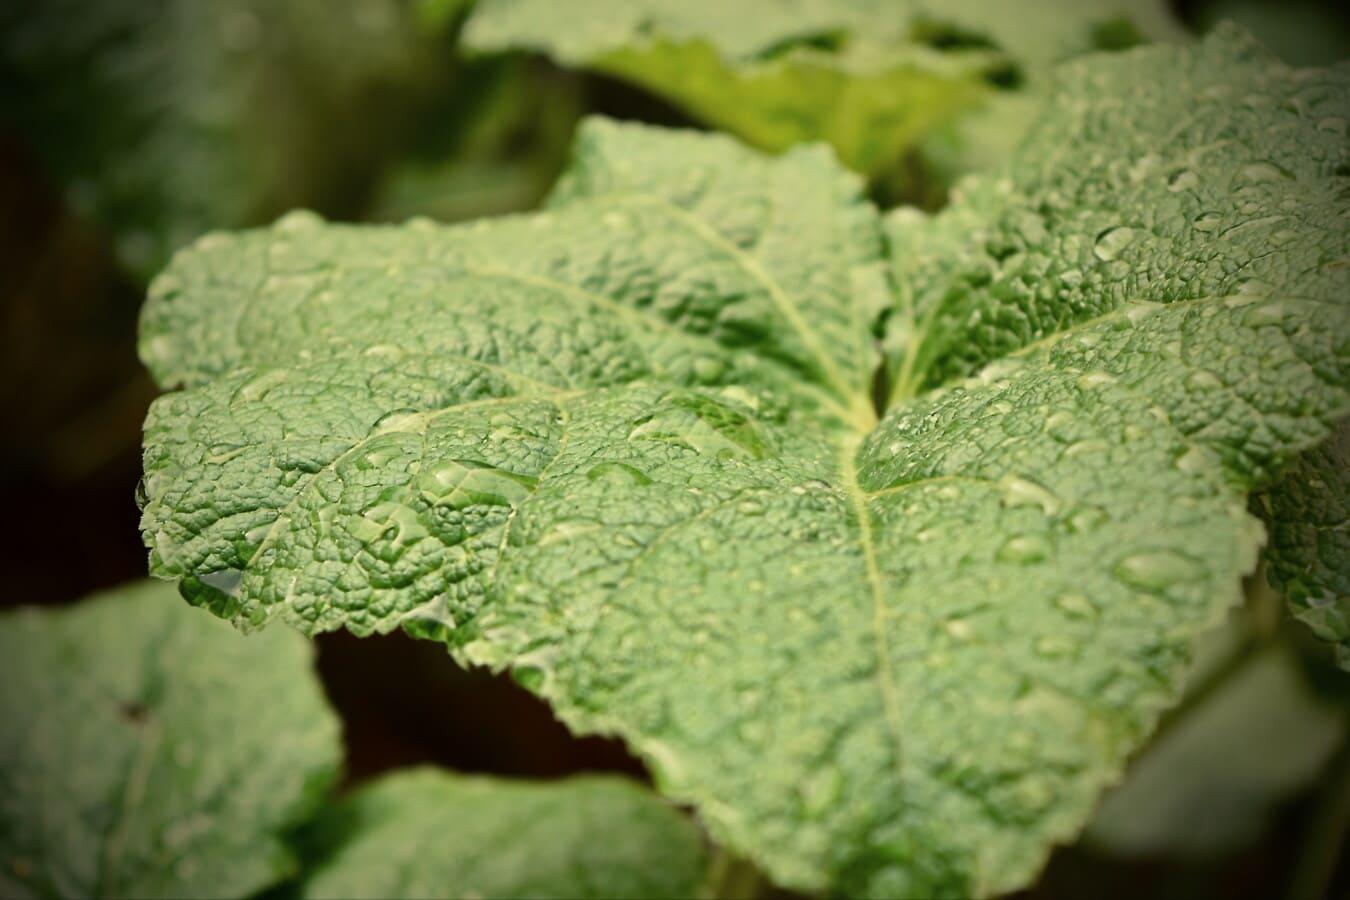 великий, зелений лист, вологість, ранок, роси, завод, лист, рослина, природа, флора